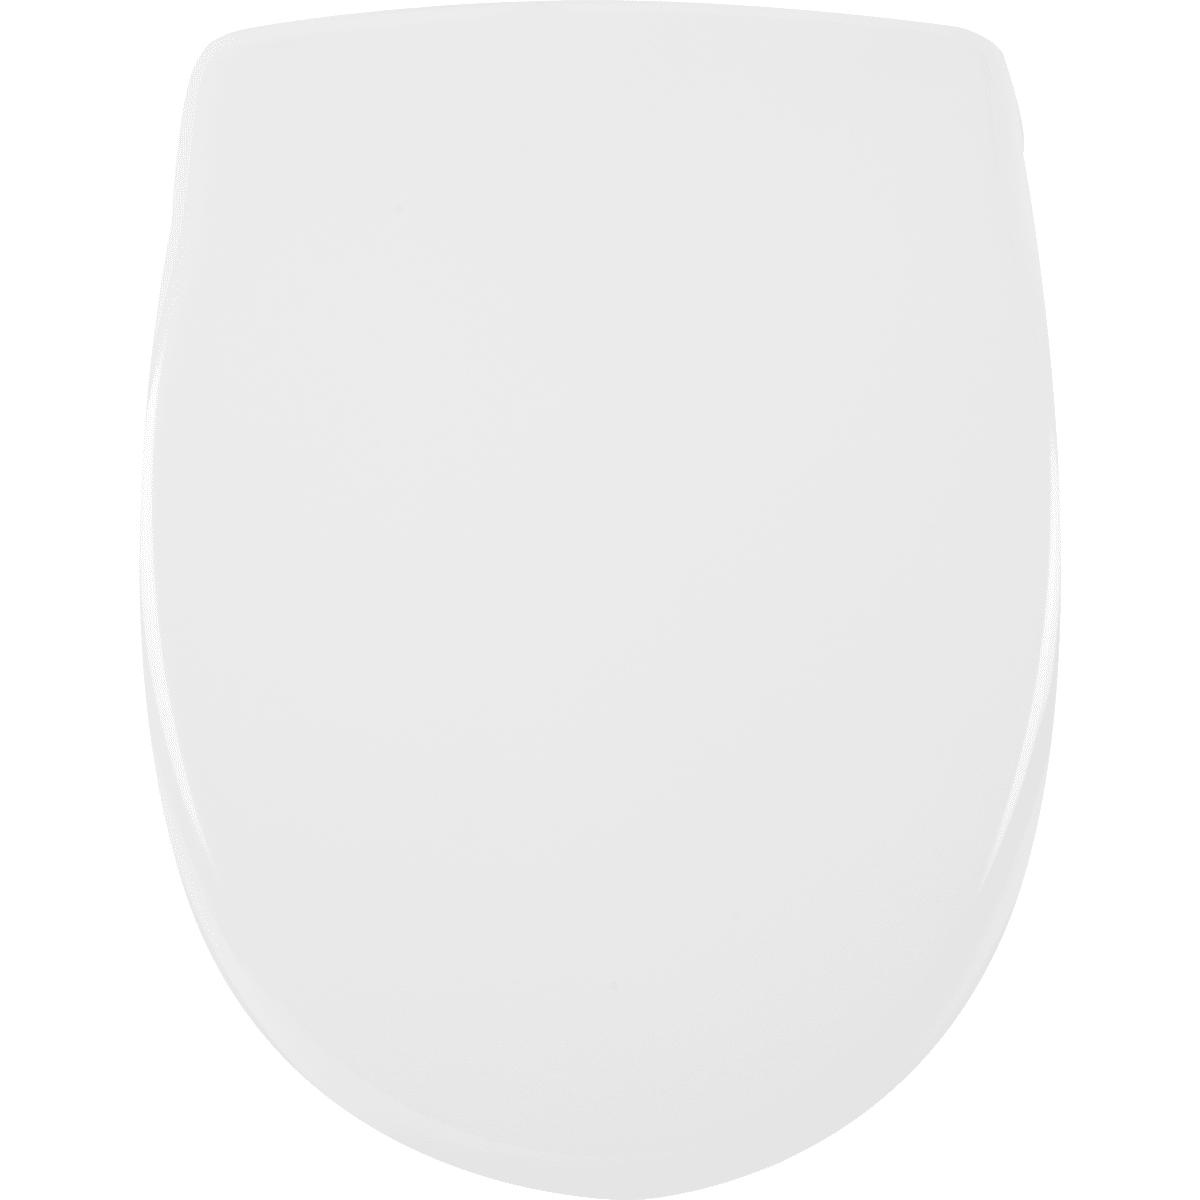 Сиденье для унитаза «Лондон» дюропласт, микролифт, цвет белый